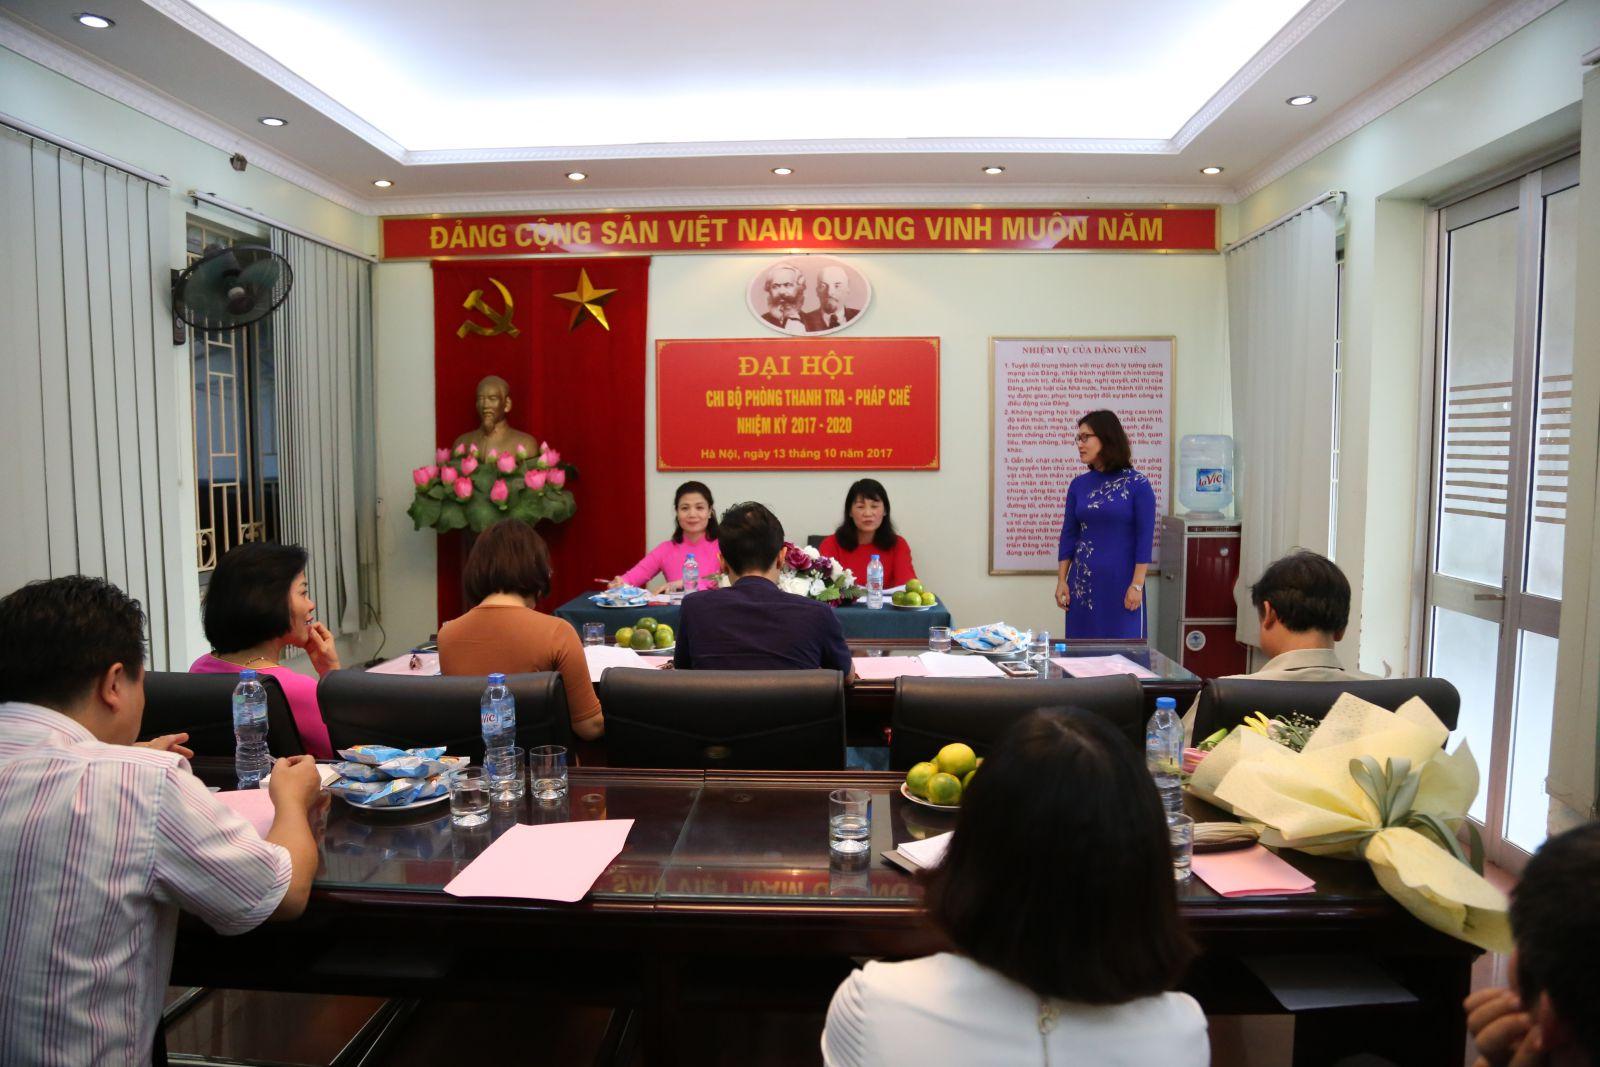 Đồng chí Nguyễn Mai Hương – Bí thư Đảng ủy Viện Đại học Mở Hà Nội phát biểu chỉ đạo